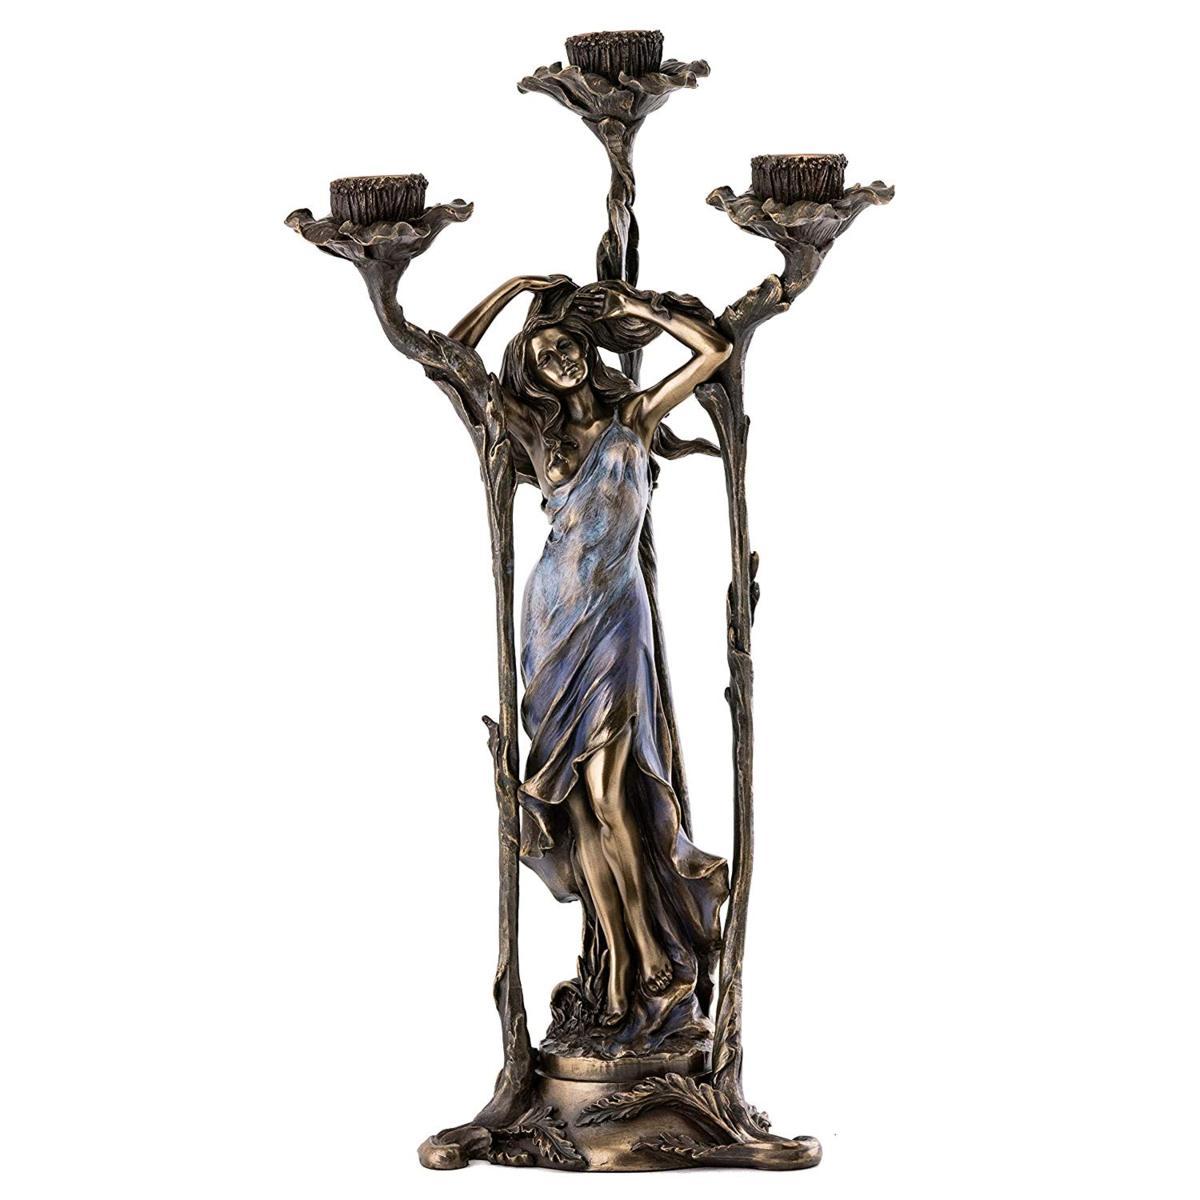 青いドレスの女 アール・ヌーボー装飾女性 燭台彫像-ブロンズ風 ハンドペイント 美しい花 -キャンドル燭台置物 彫刻(輸入品)